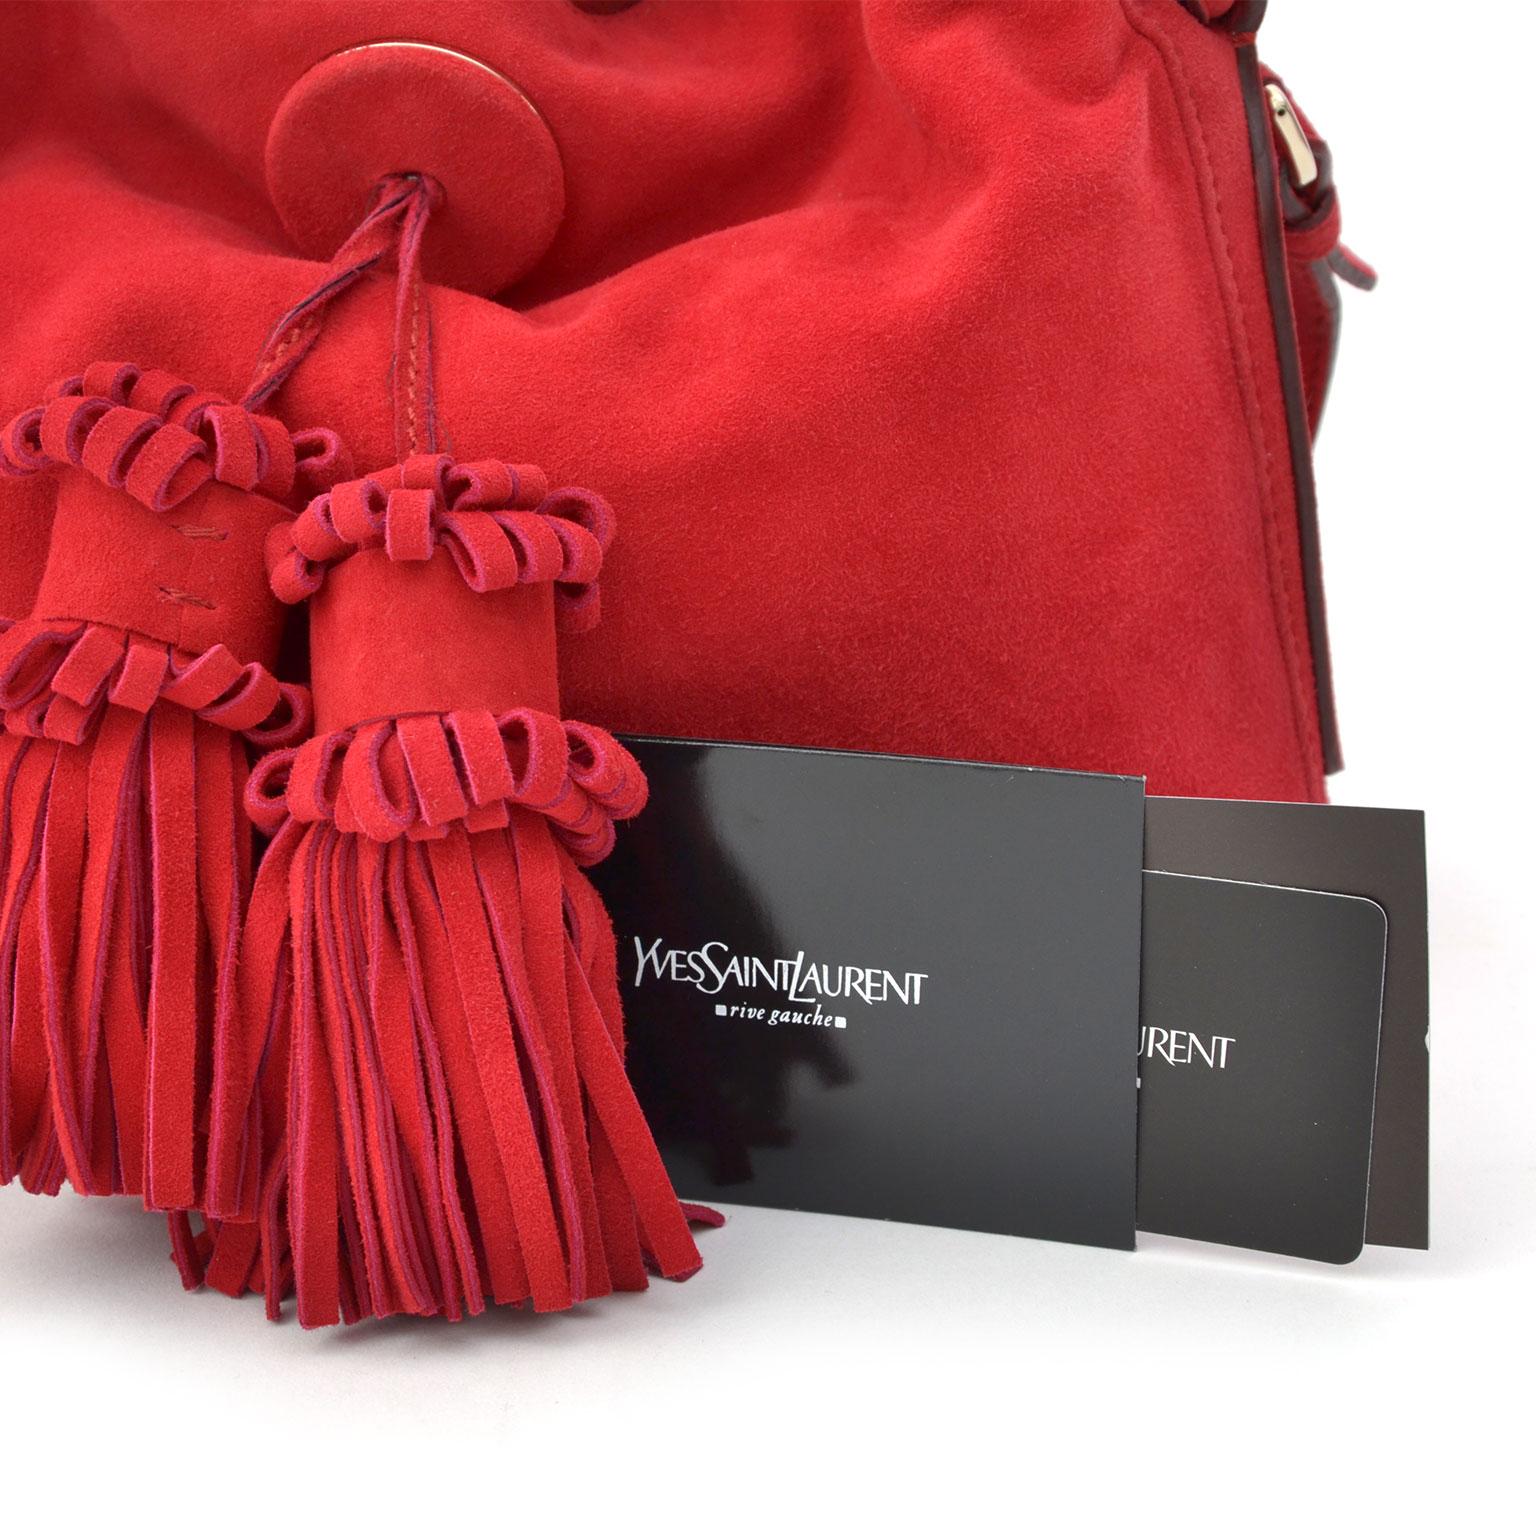 27aa006e067 Koop tweedehands YSL handtassen bij LabelLOV Antwerpen Yves Saint Laurent  Rive Gauche Suede Handbag Red. LabelLOV vintage webshop Antwerp, luxury  handbags